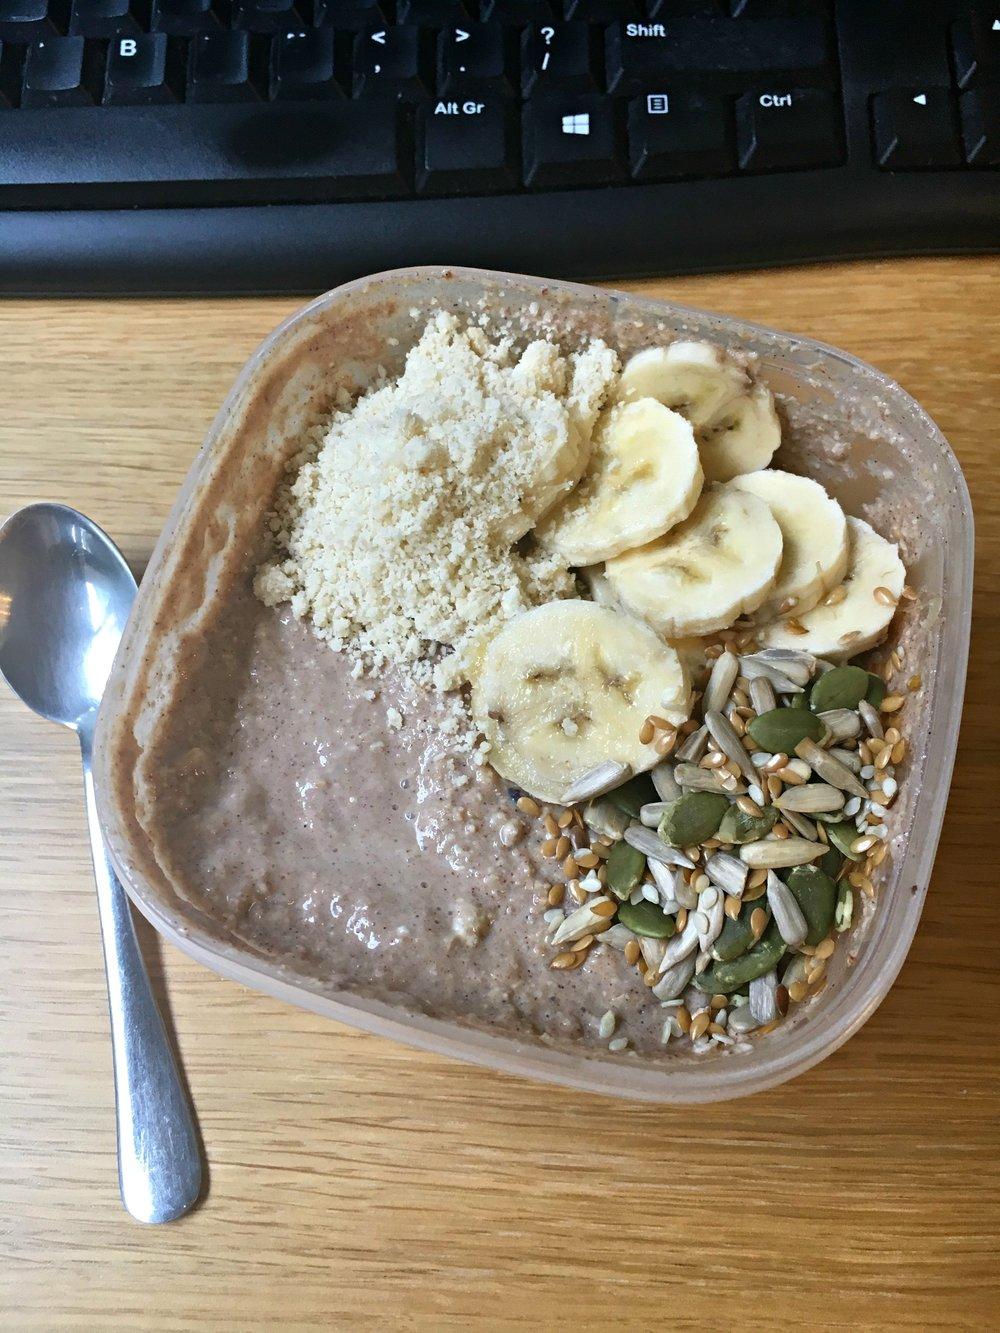 08 Breakfast banana oats.jpg